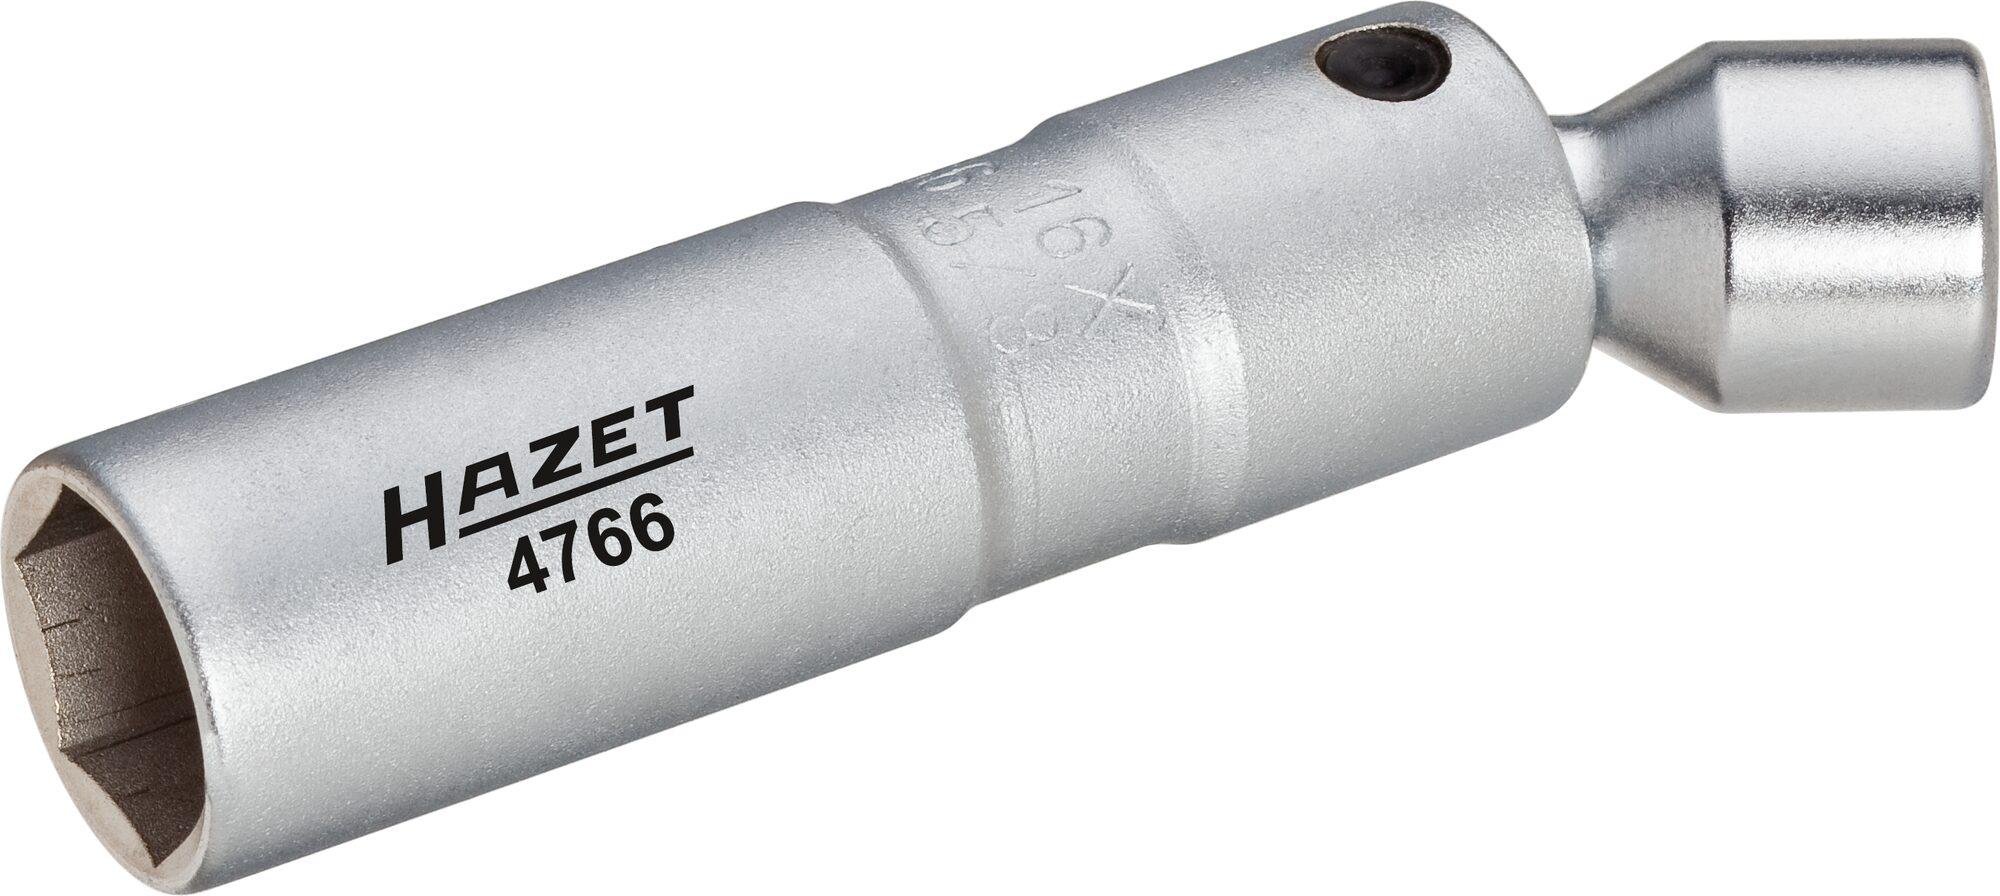 HAZET Zündkerzen-Schlüssel 4766 ∙ Vierkant hohl 10 mm (3/8 Zoll) ∙ Außen-Sechskant Profil ∙ 16 mm ∙ 5⁄8 ″